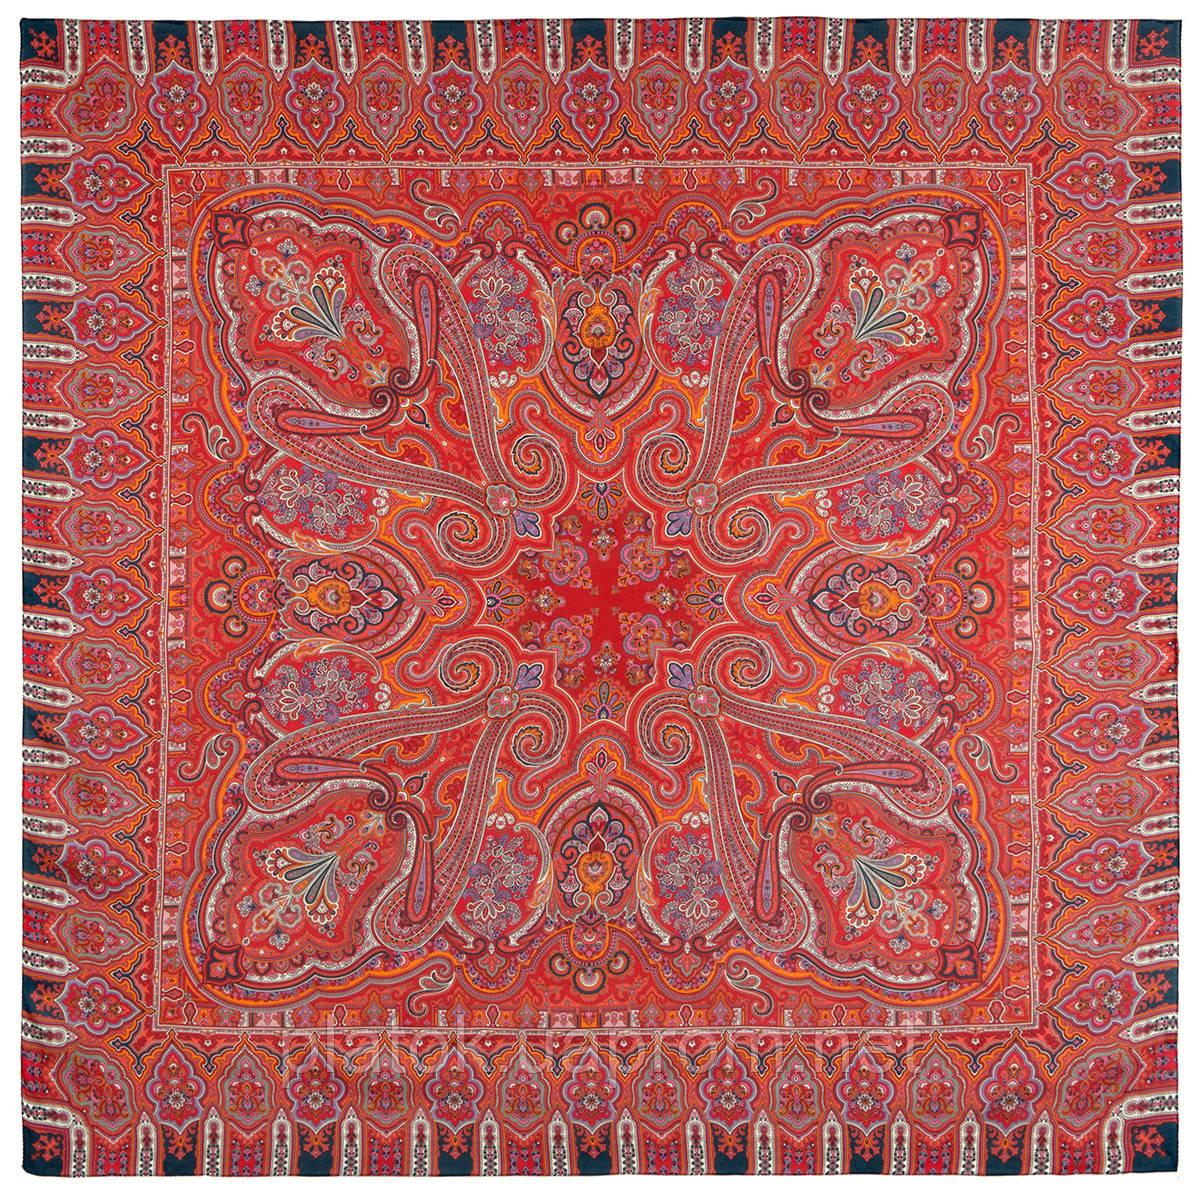 Фергана 1856-5, павлопосадский платок из вискозы с подрубкой